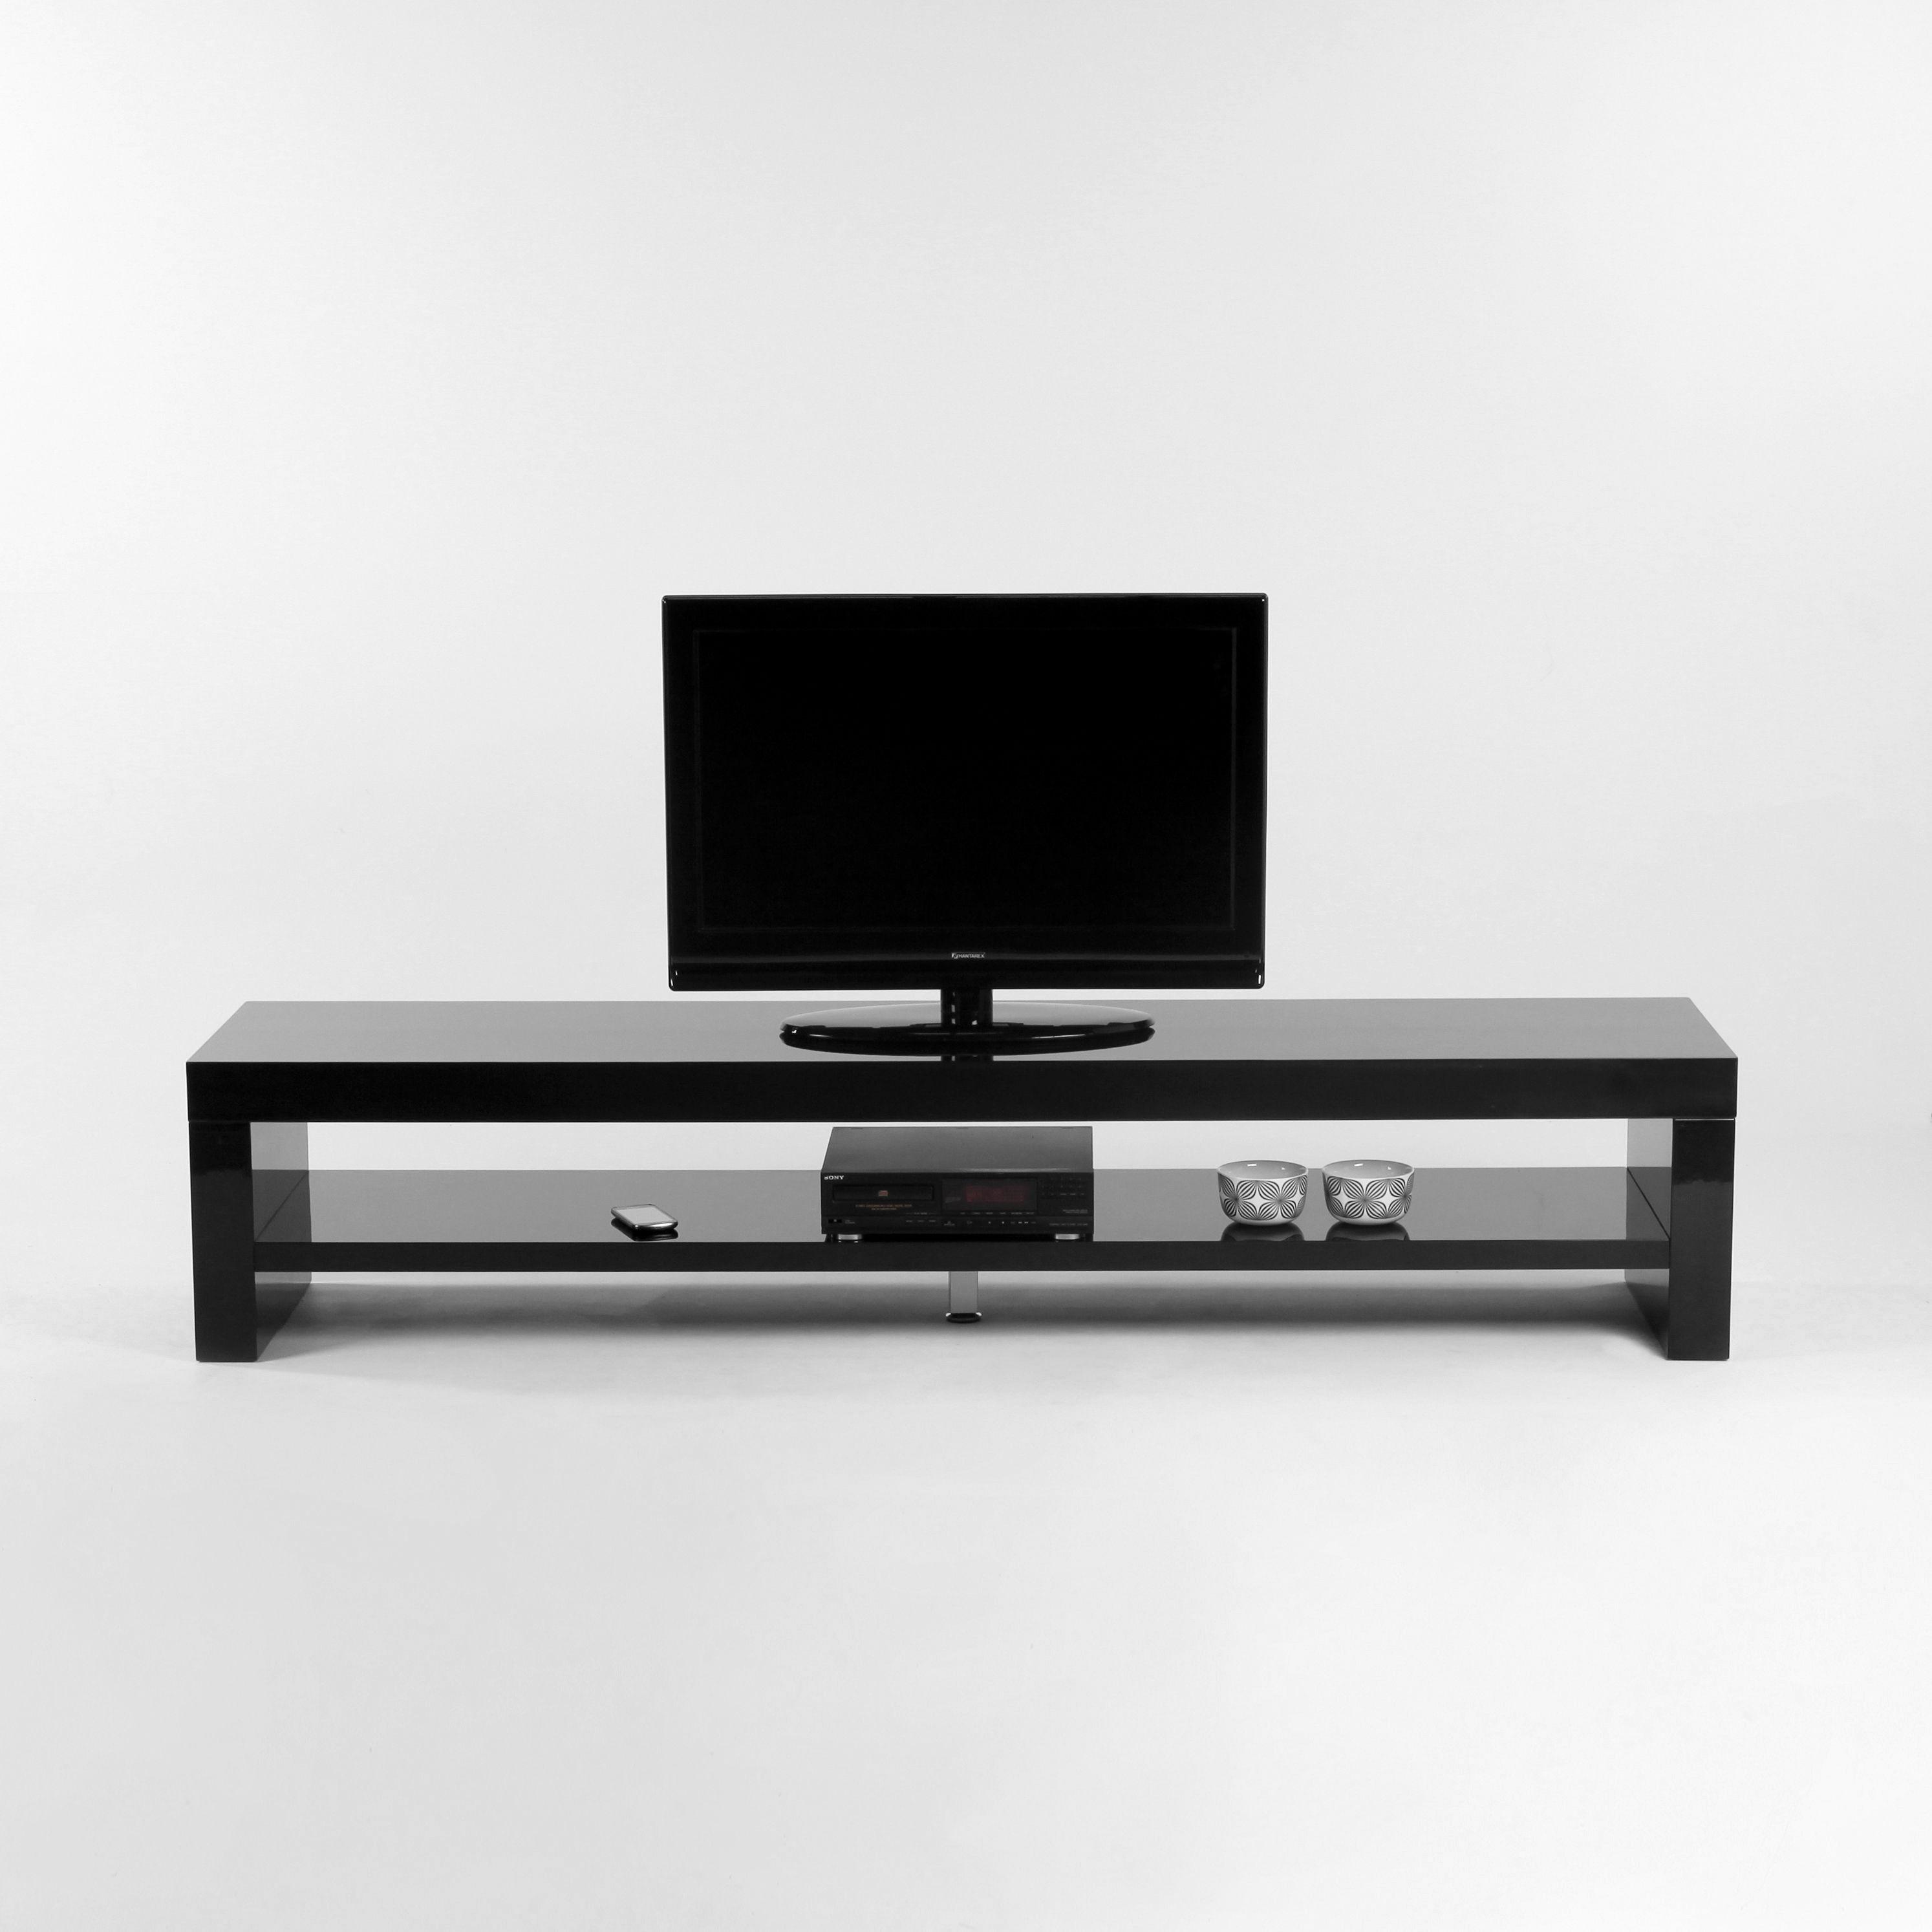 meuble tv 1 niche en bois laqu l200cm scoop - Meuble Tv Bois Et Laque